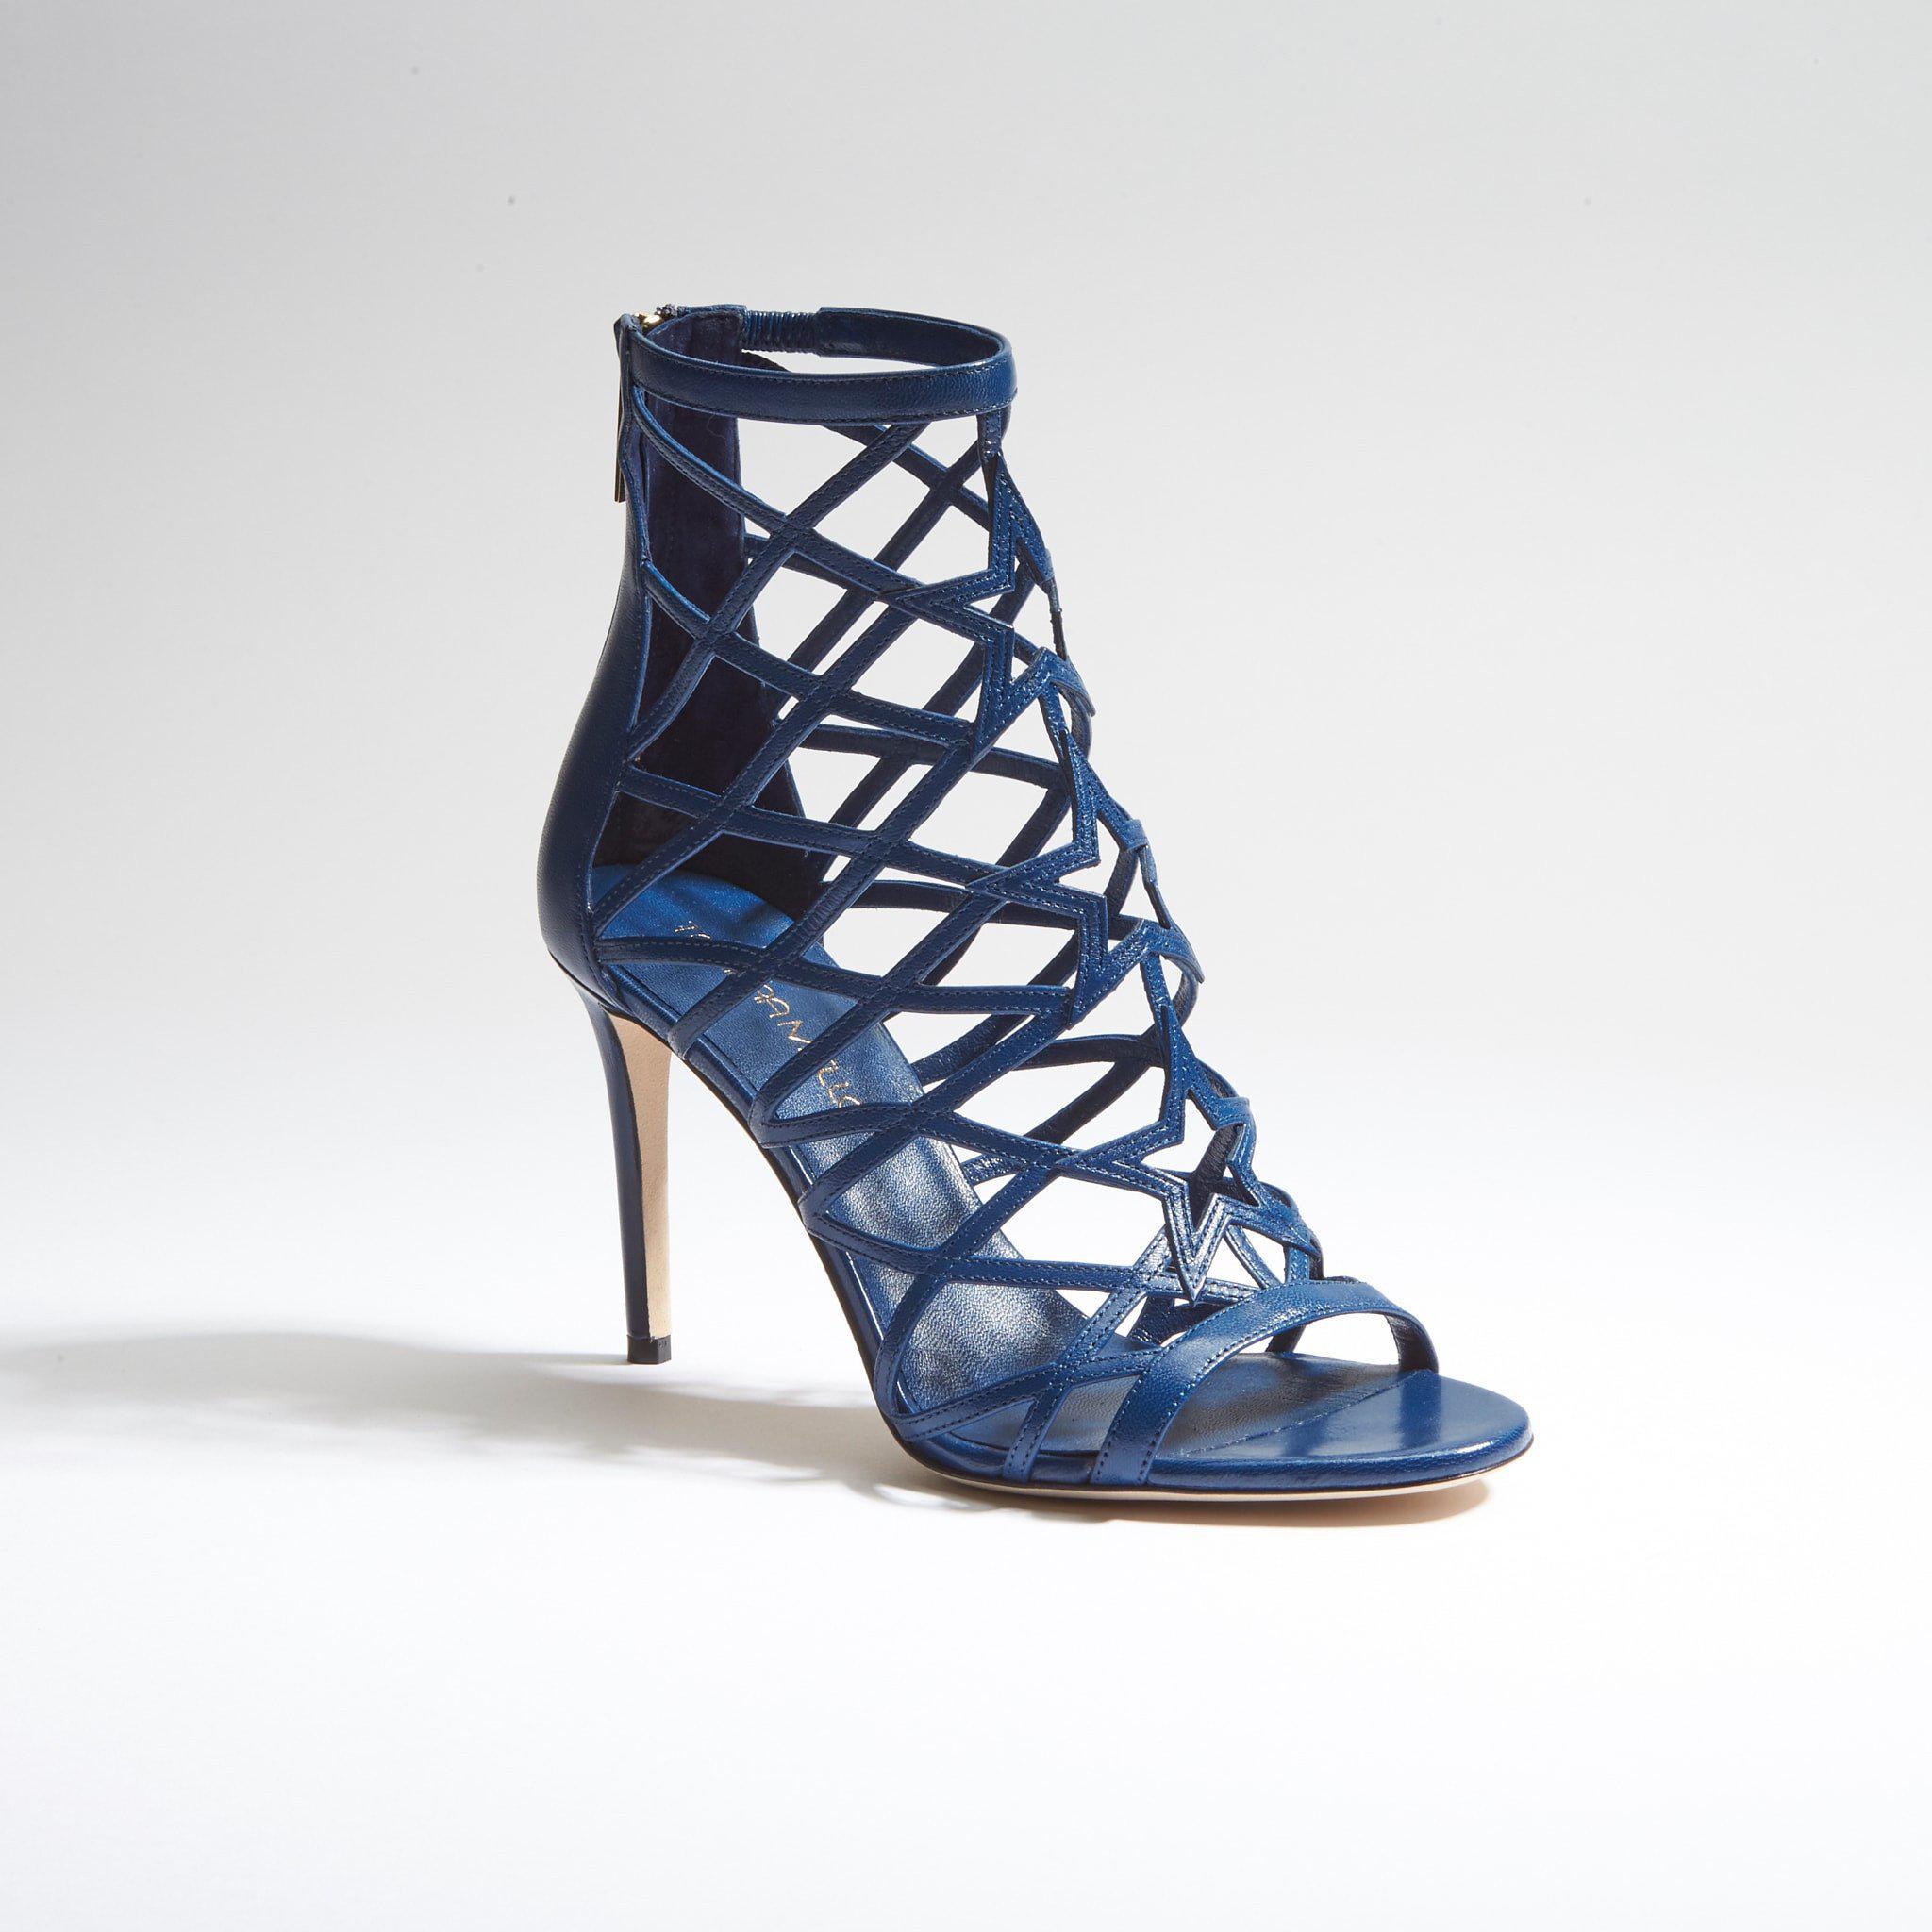 59a54786d61e2f Lyst - Tamara Mellon Starlight 90 - Capretto in Blue